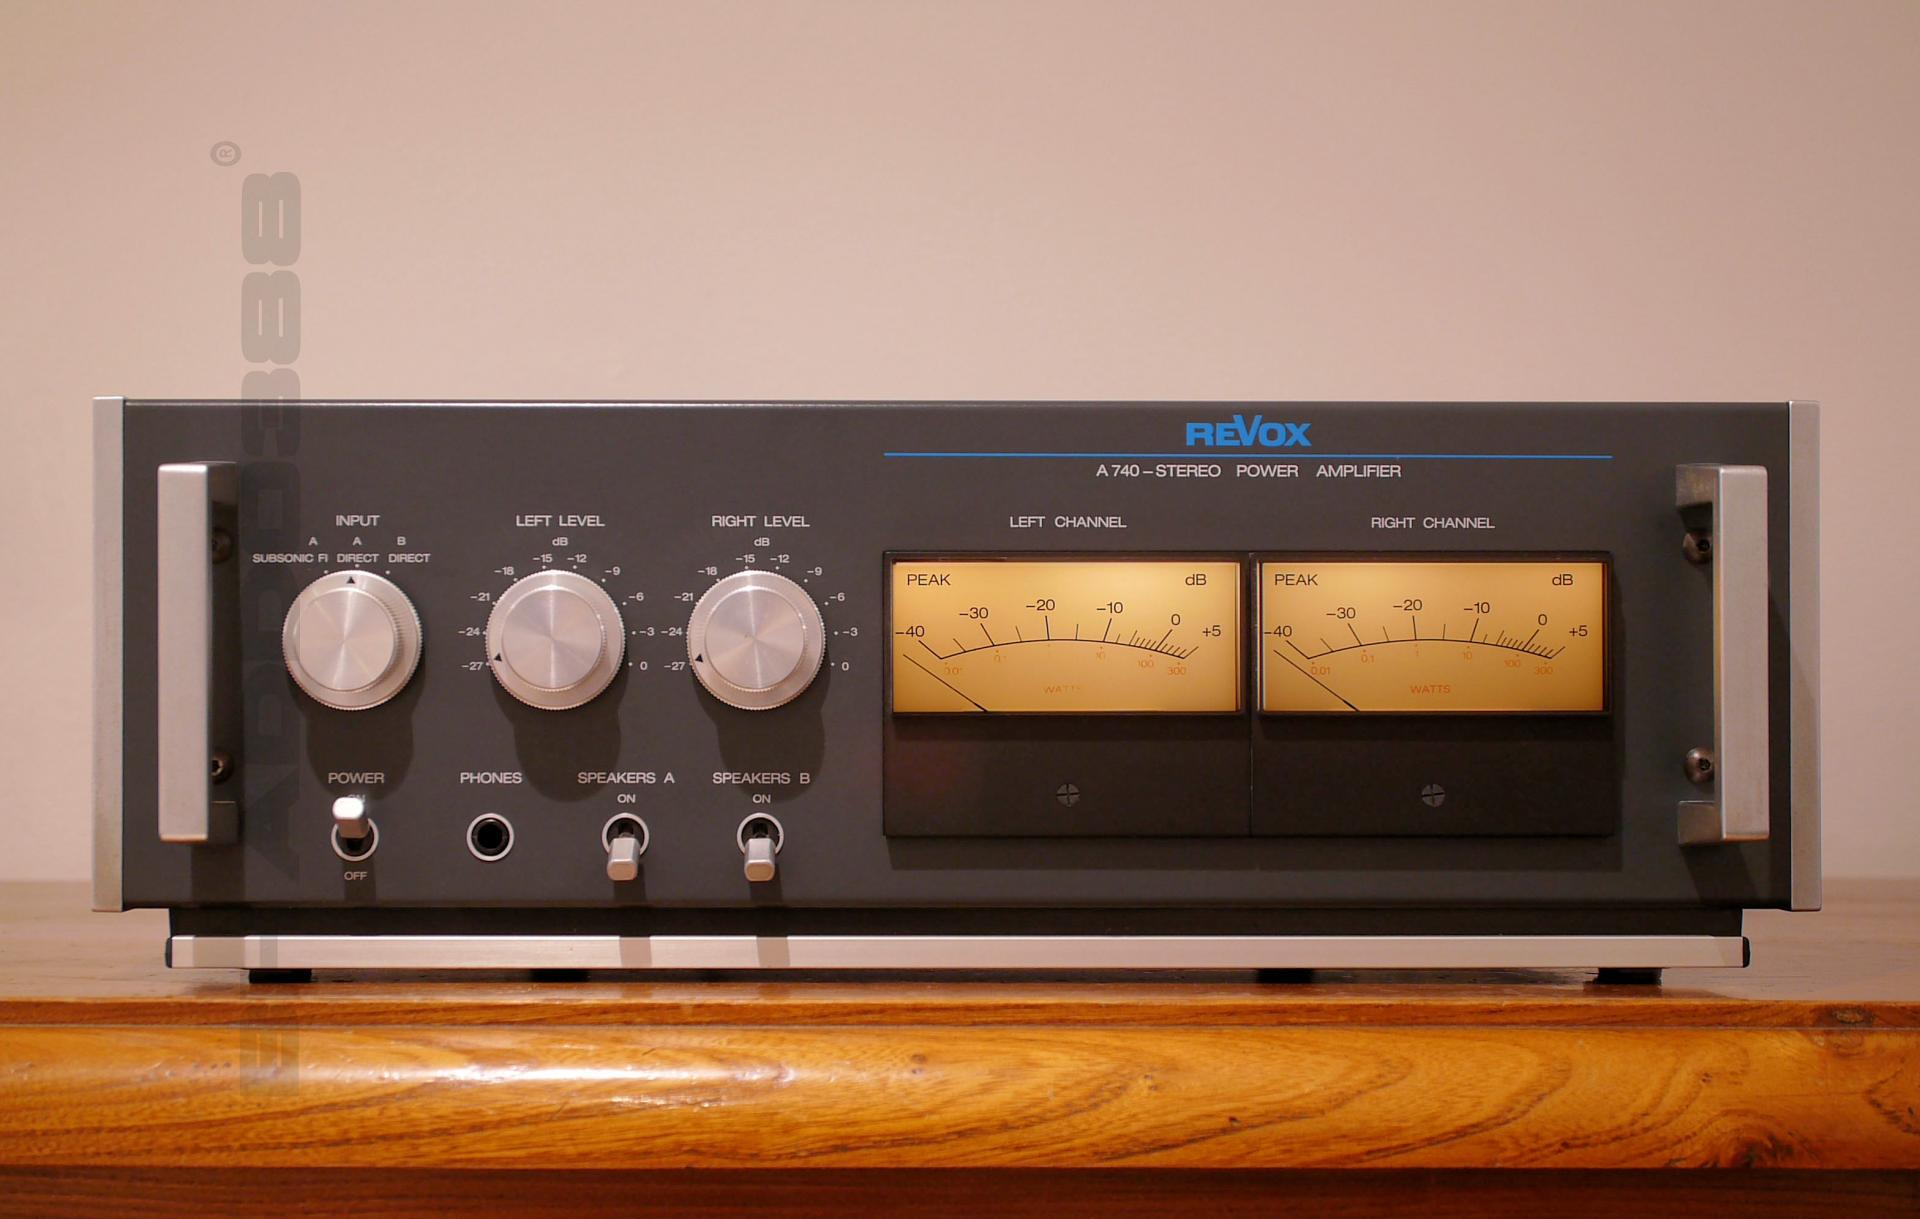 Revox a 740